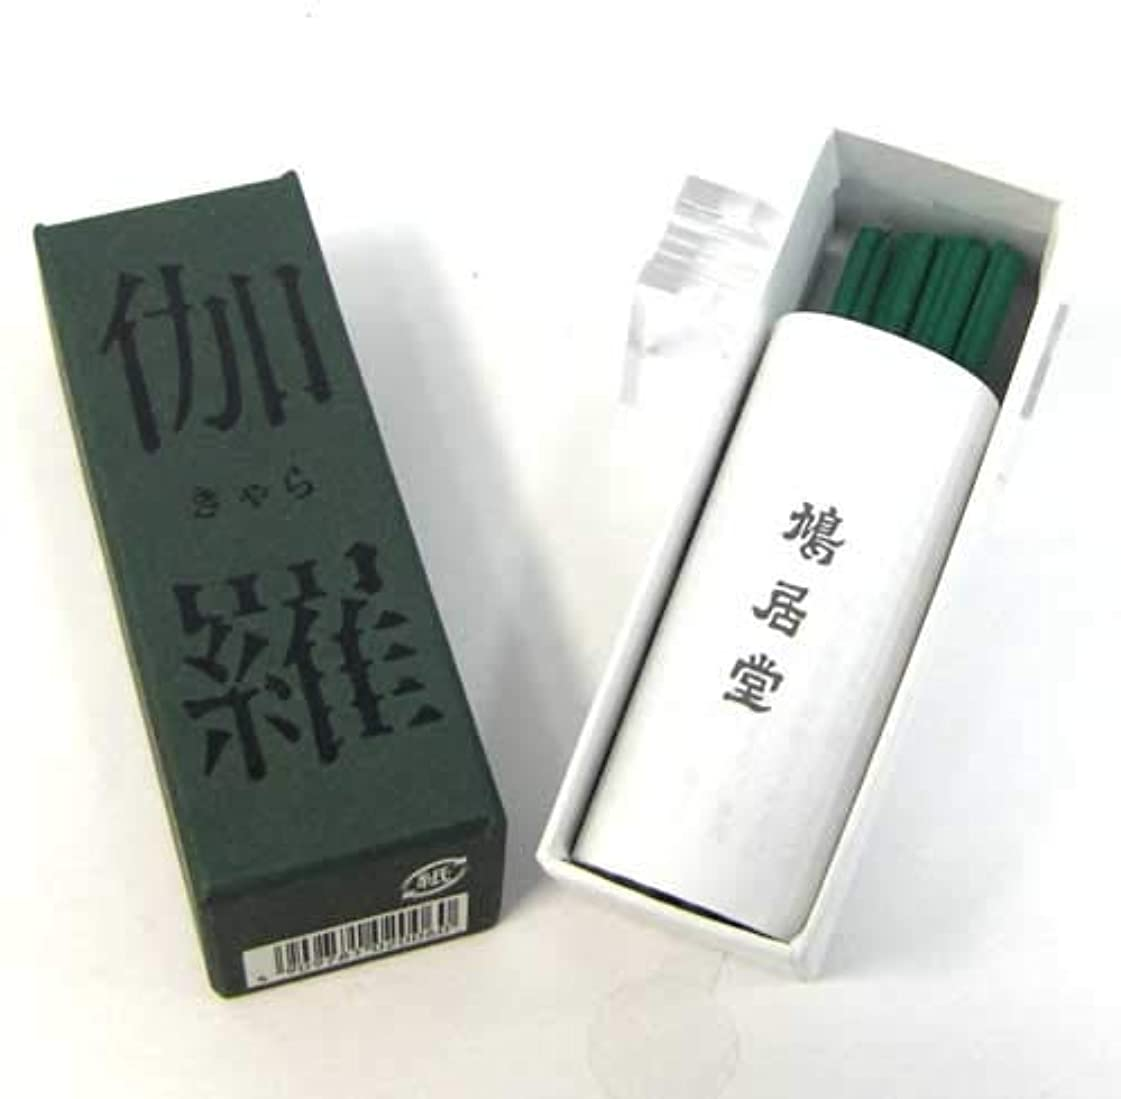 ミリメーターマーカー影響力のある鳩居堂 お香 伽羅/きゃら 香木の香りシリーズ スティックタイプ(棒状香)20本いり